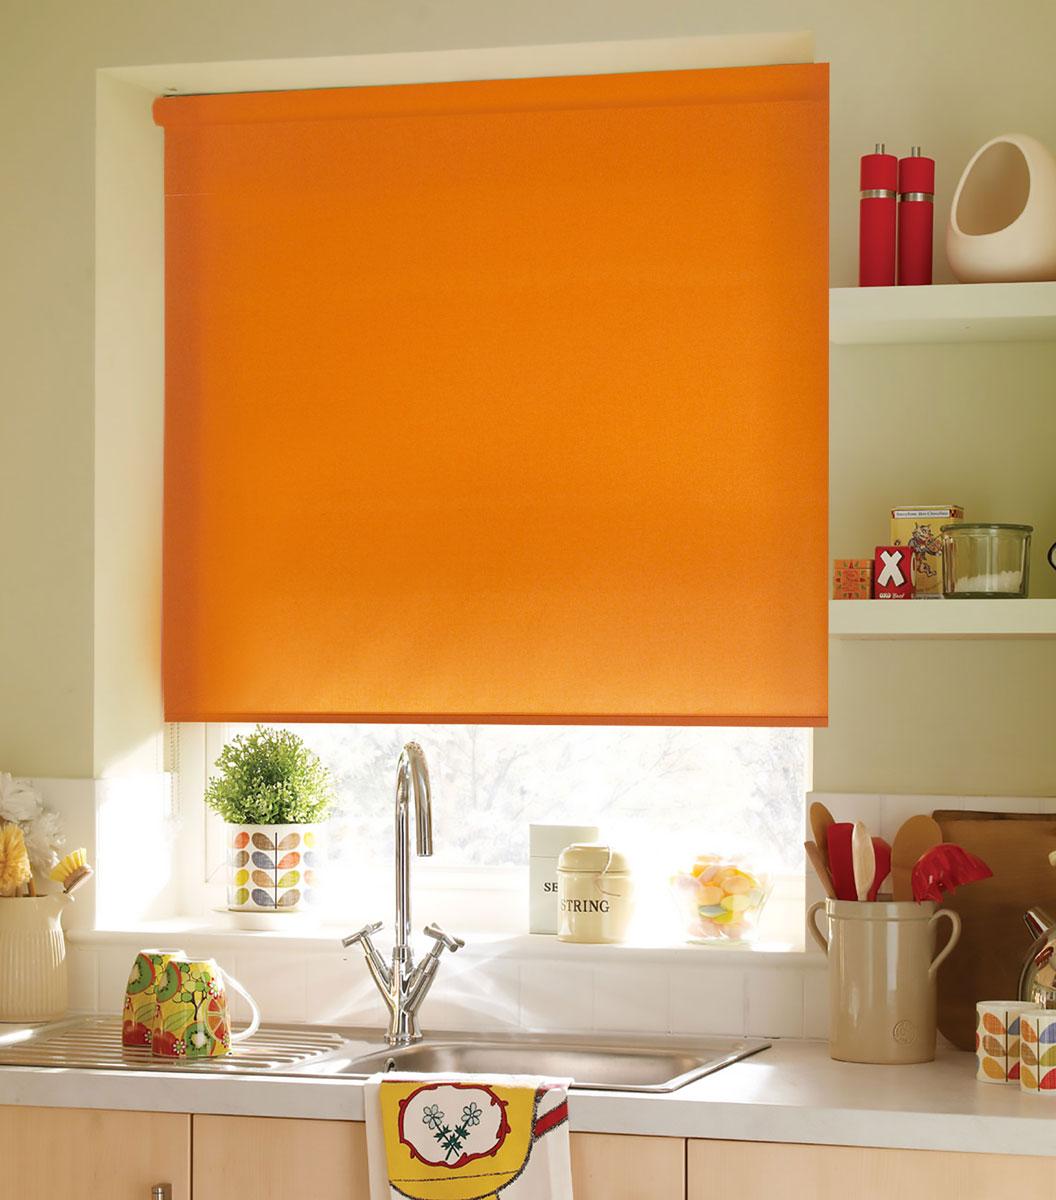 Штора рулонная KauffOrt Миниролло, цвет: оранжевый, ширина 90 см, высота 170 см штора рулонная kauffort миниролло цвет голубой ширина 115 см высота 170 см